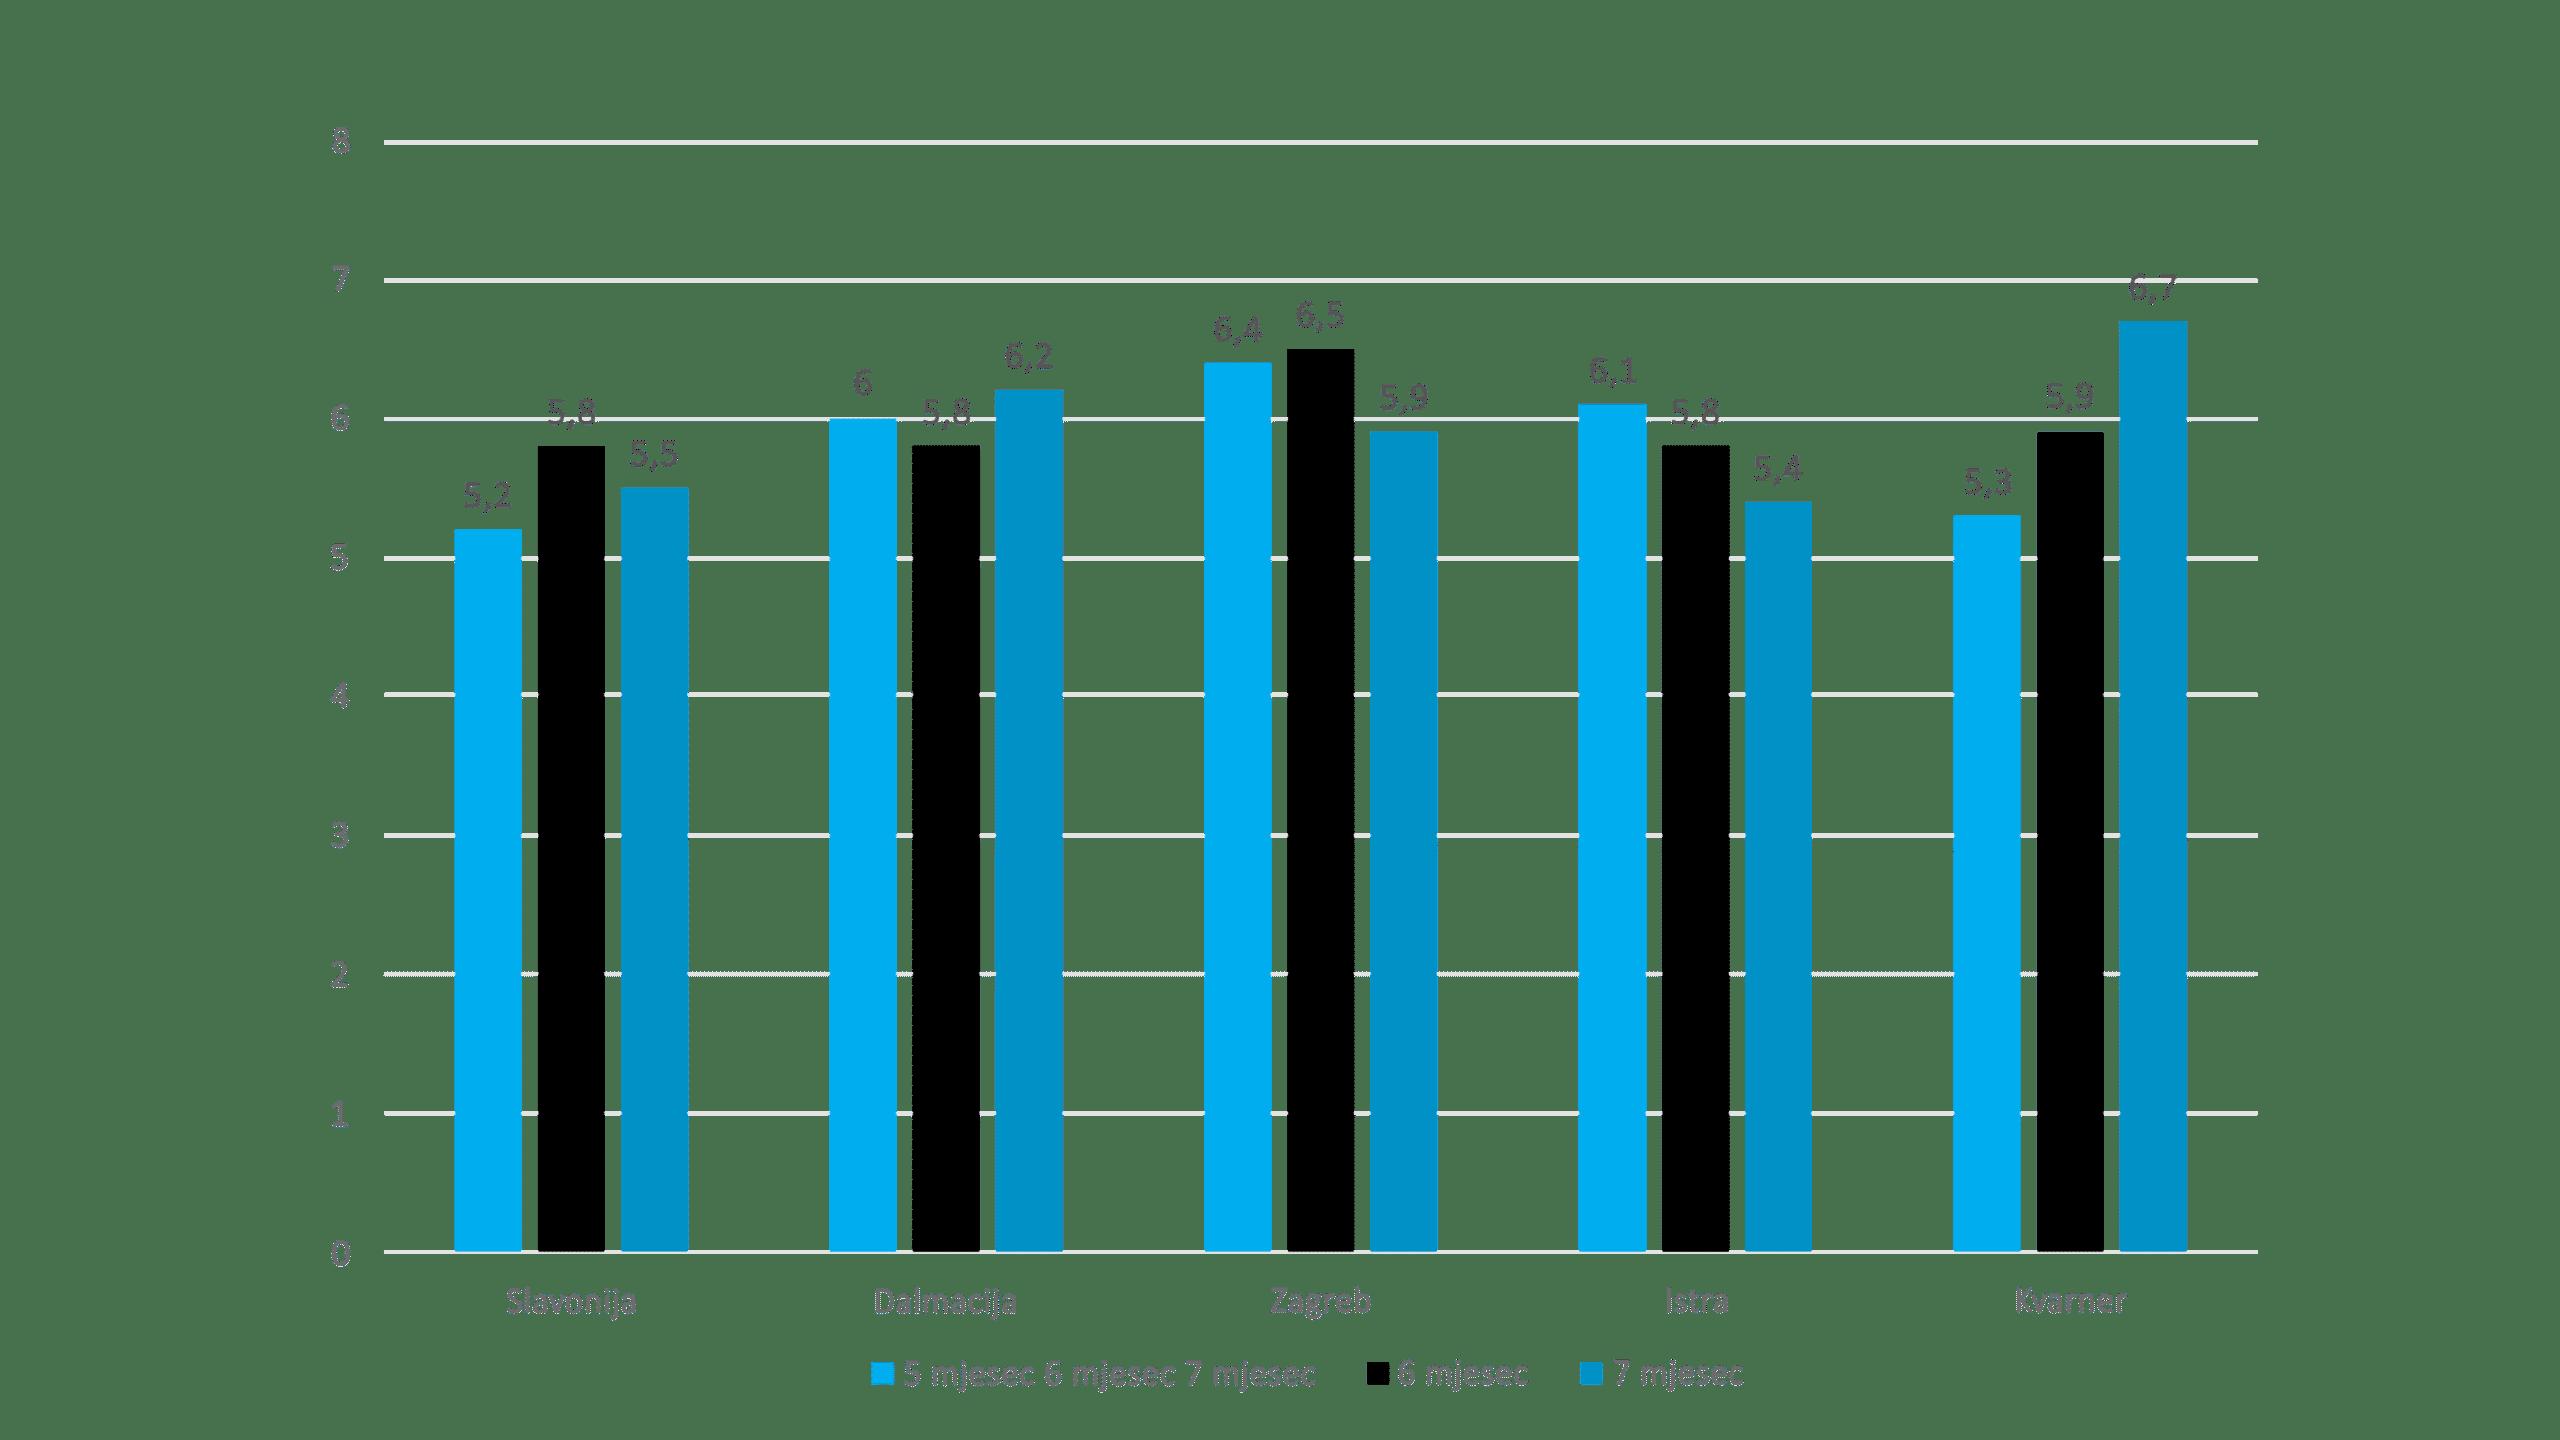 upravljanje grupama i regijama | upravljanje potrošnjom goriva